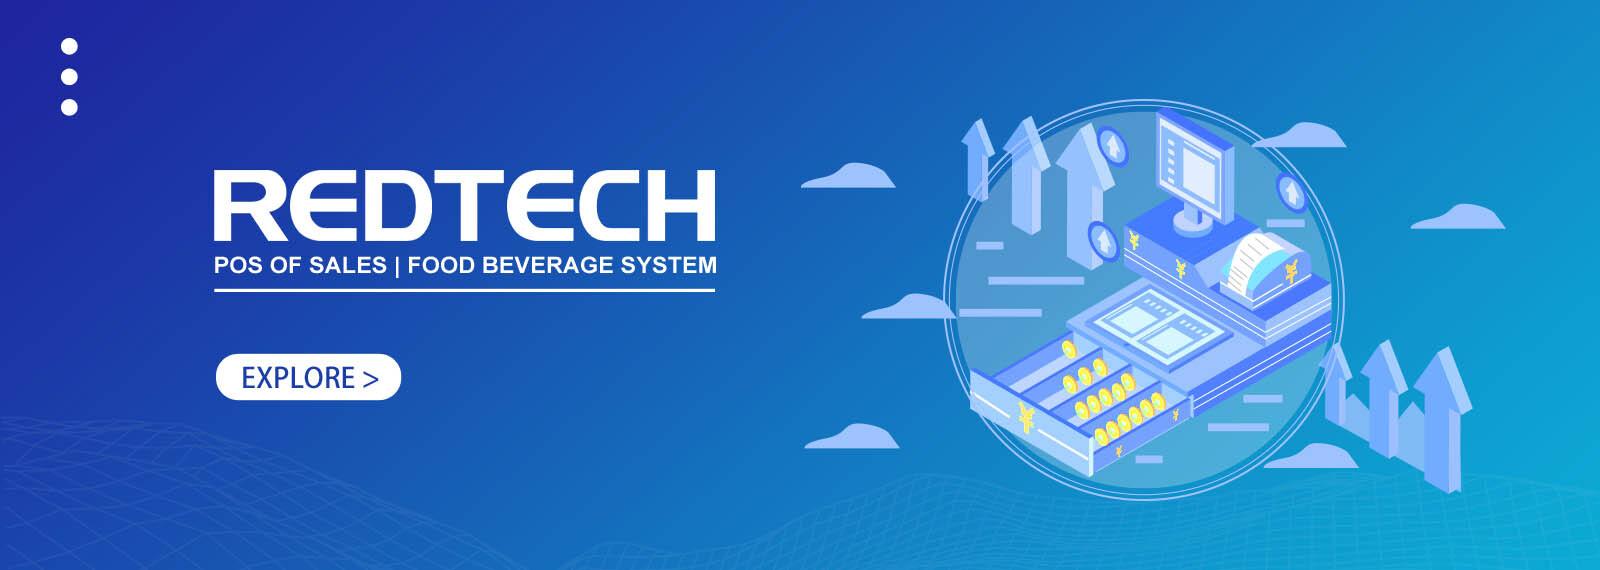 RedTech POS System